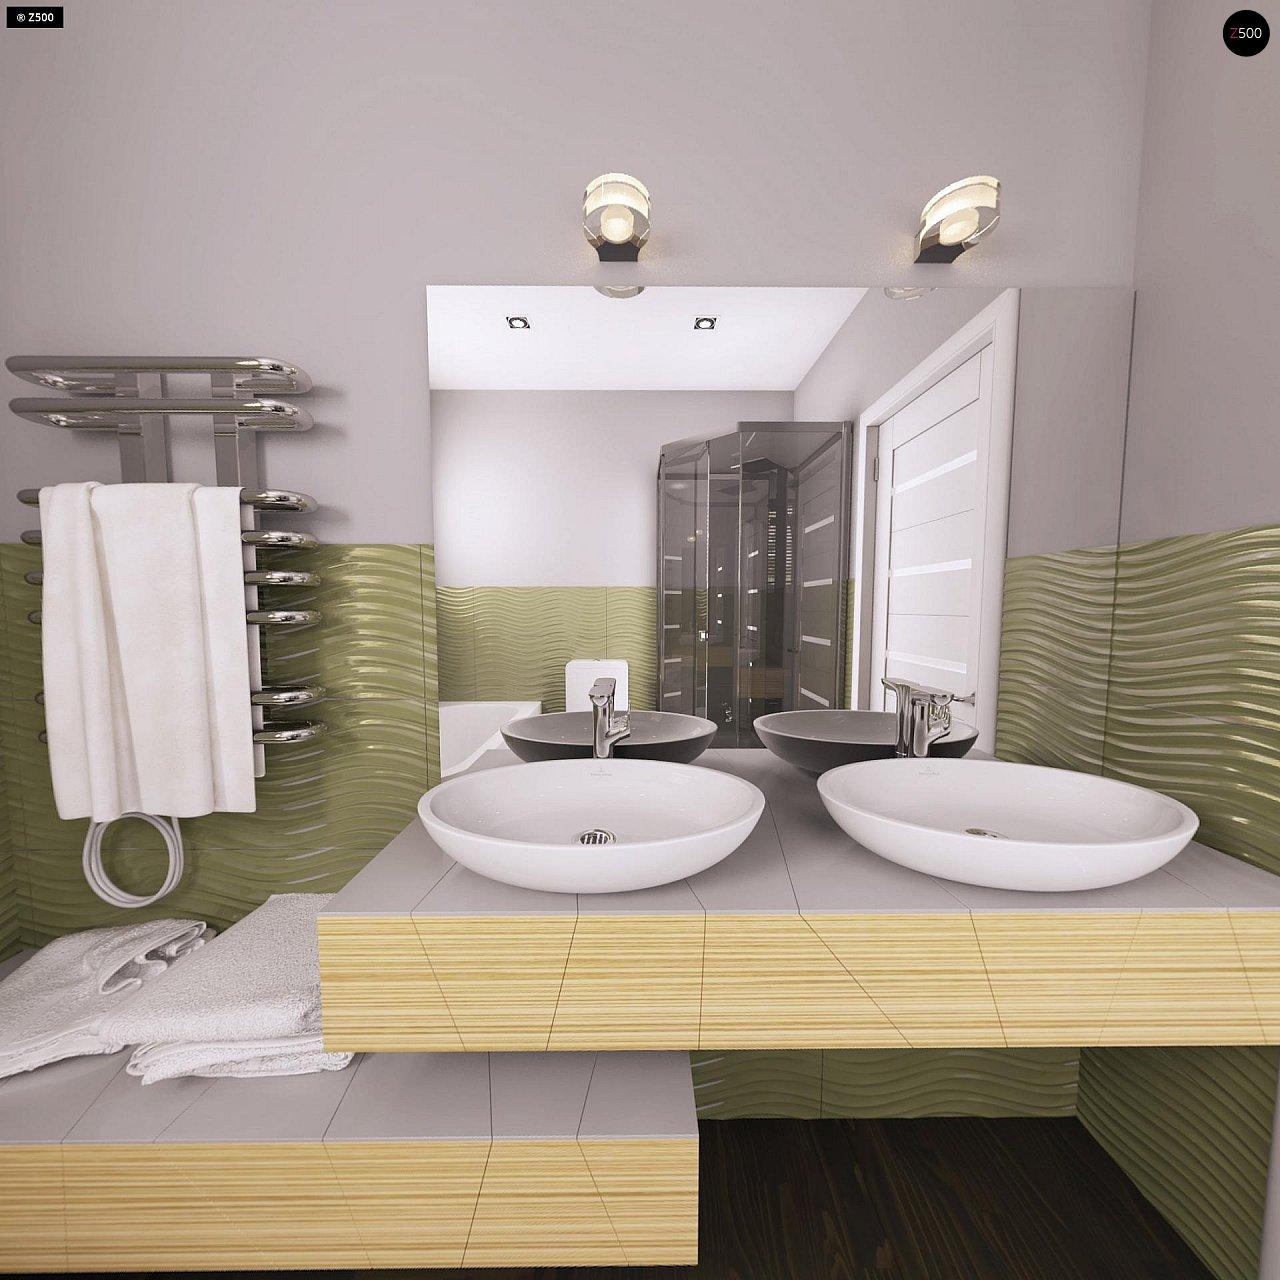 Дом традиционной формы с современными архитектурными дополнениями. Свободная планировка мансарды и антресоль над гостиной. 13